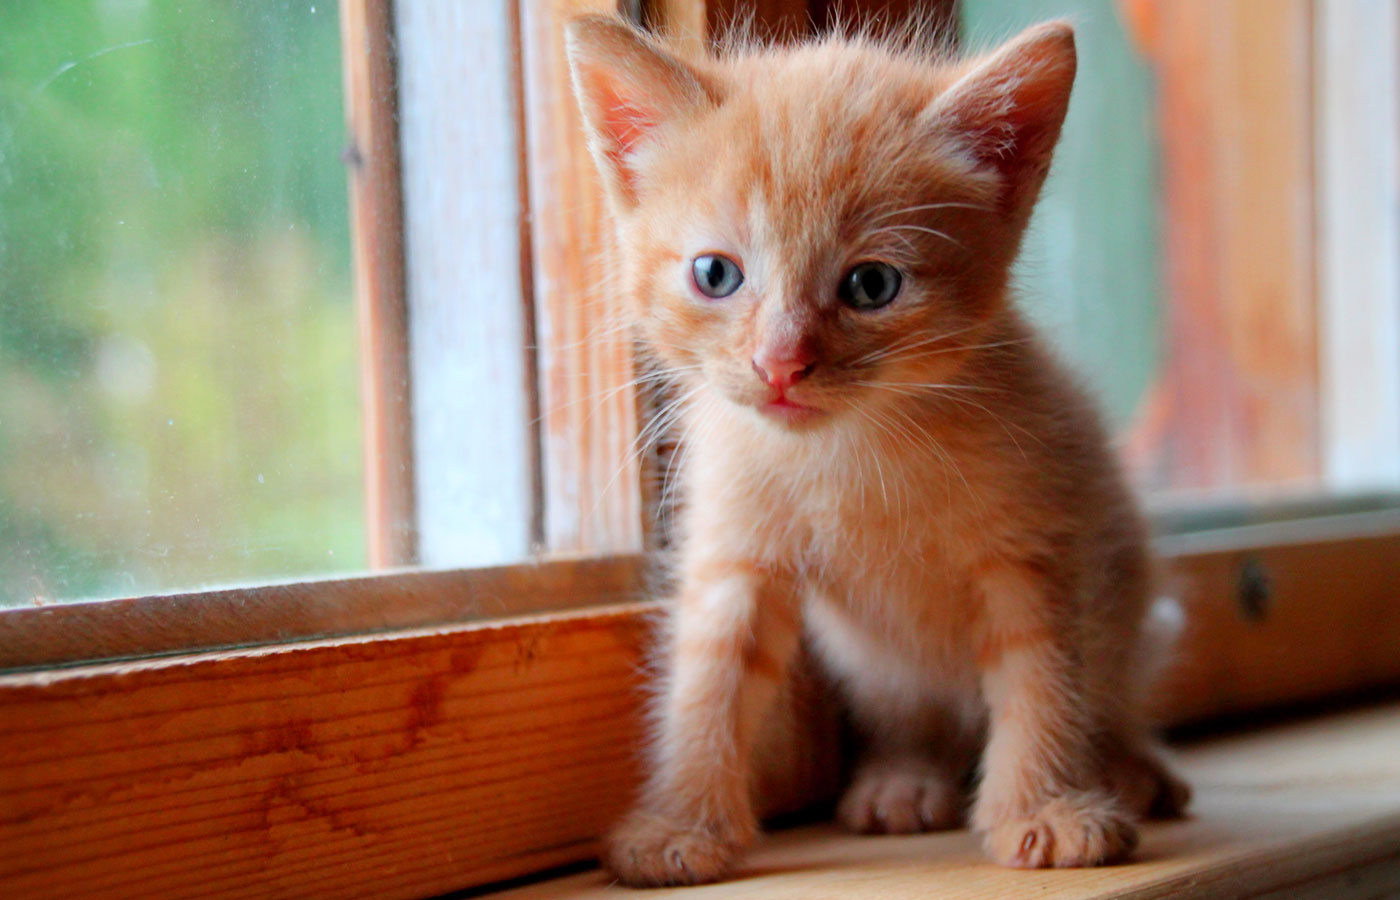 Funny red kitten. Ginger red kitten on window. Long haired red kitten.